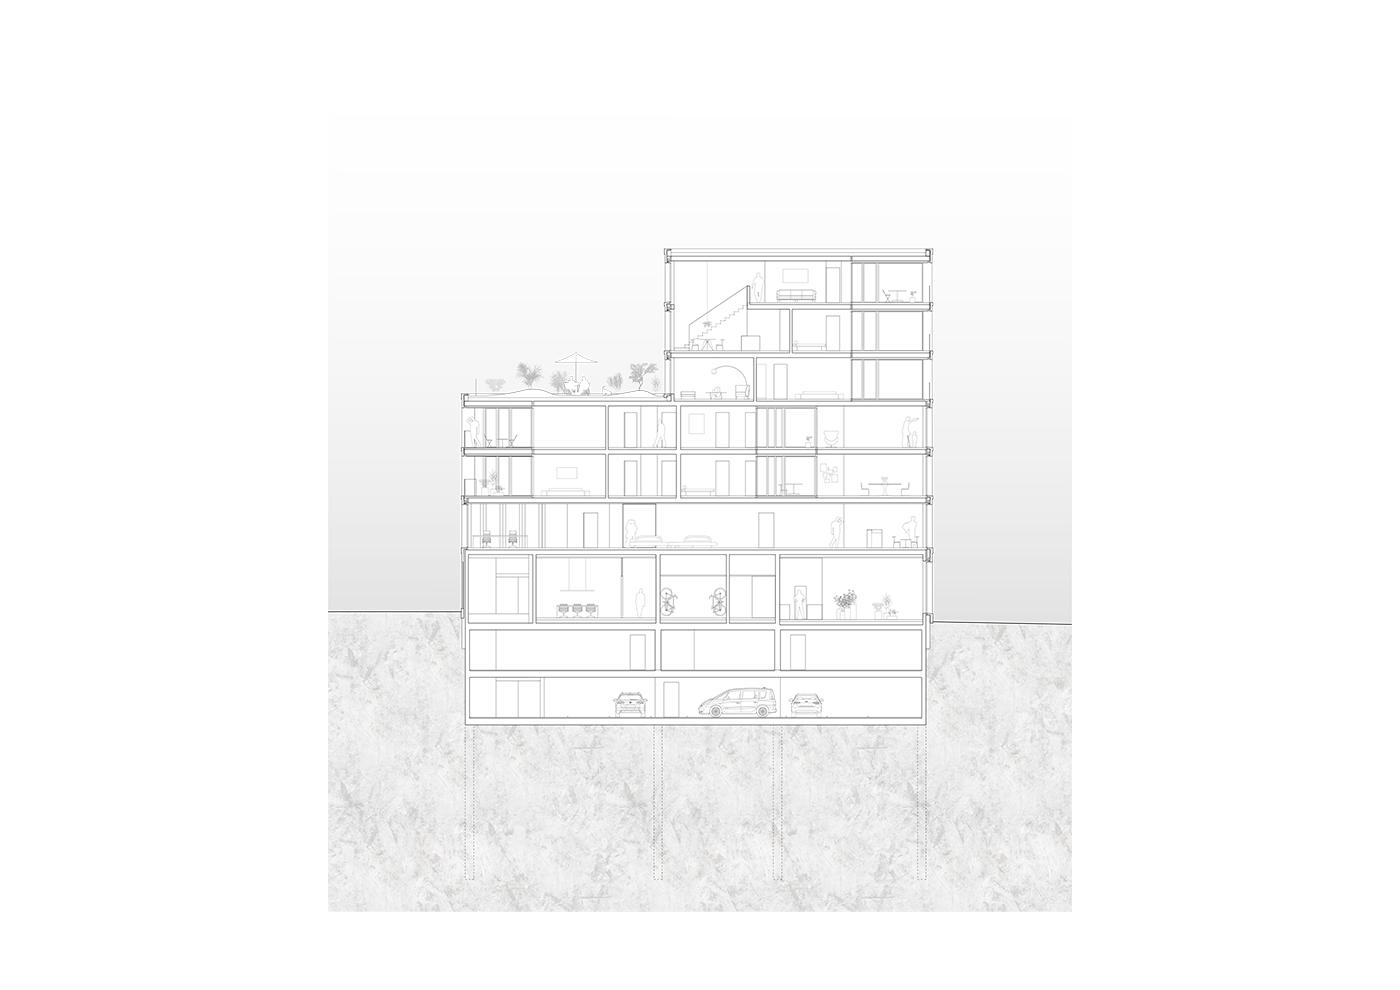 buan architekten – Studienauftrag Kanzlei-Kreisel Emmenbrücke – Schnitt